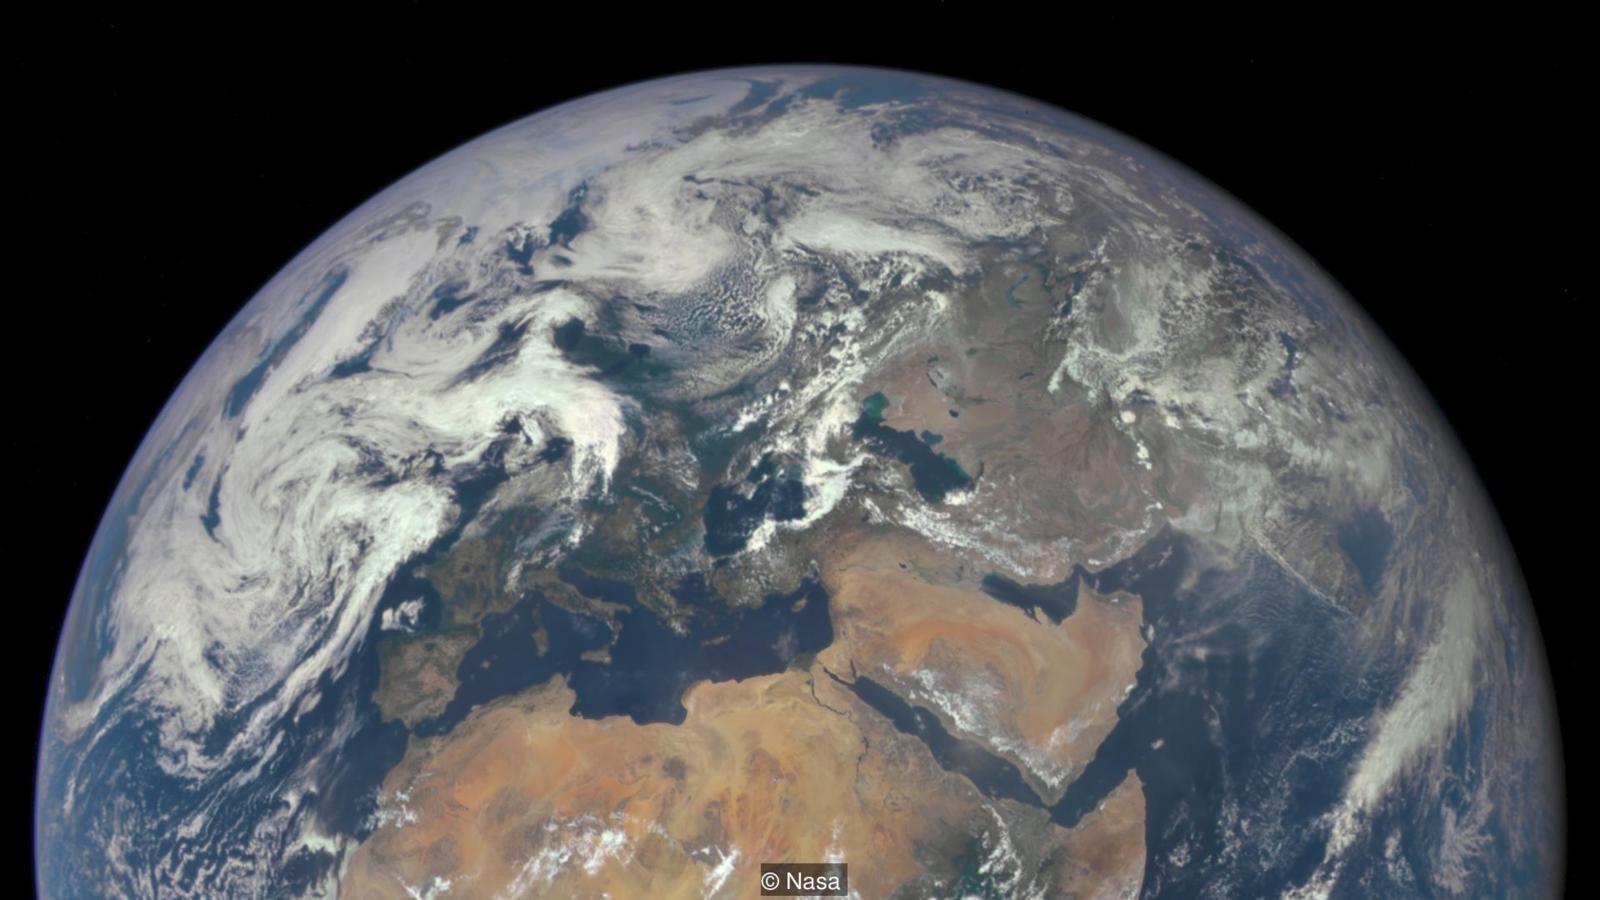 Dünya, yaşamı bulduğumuz tek yerdir.